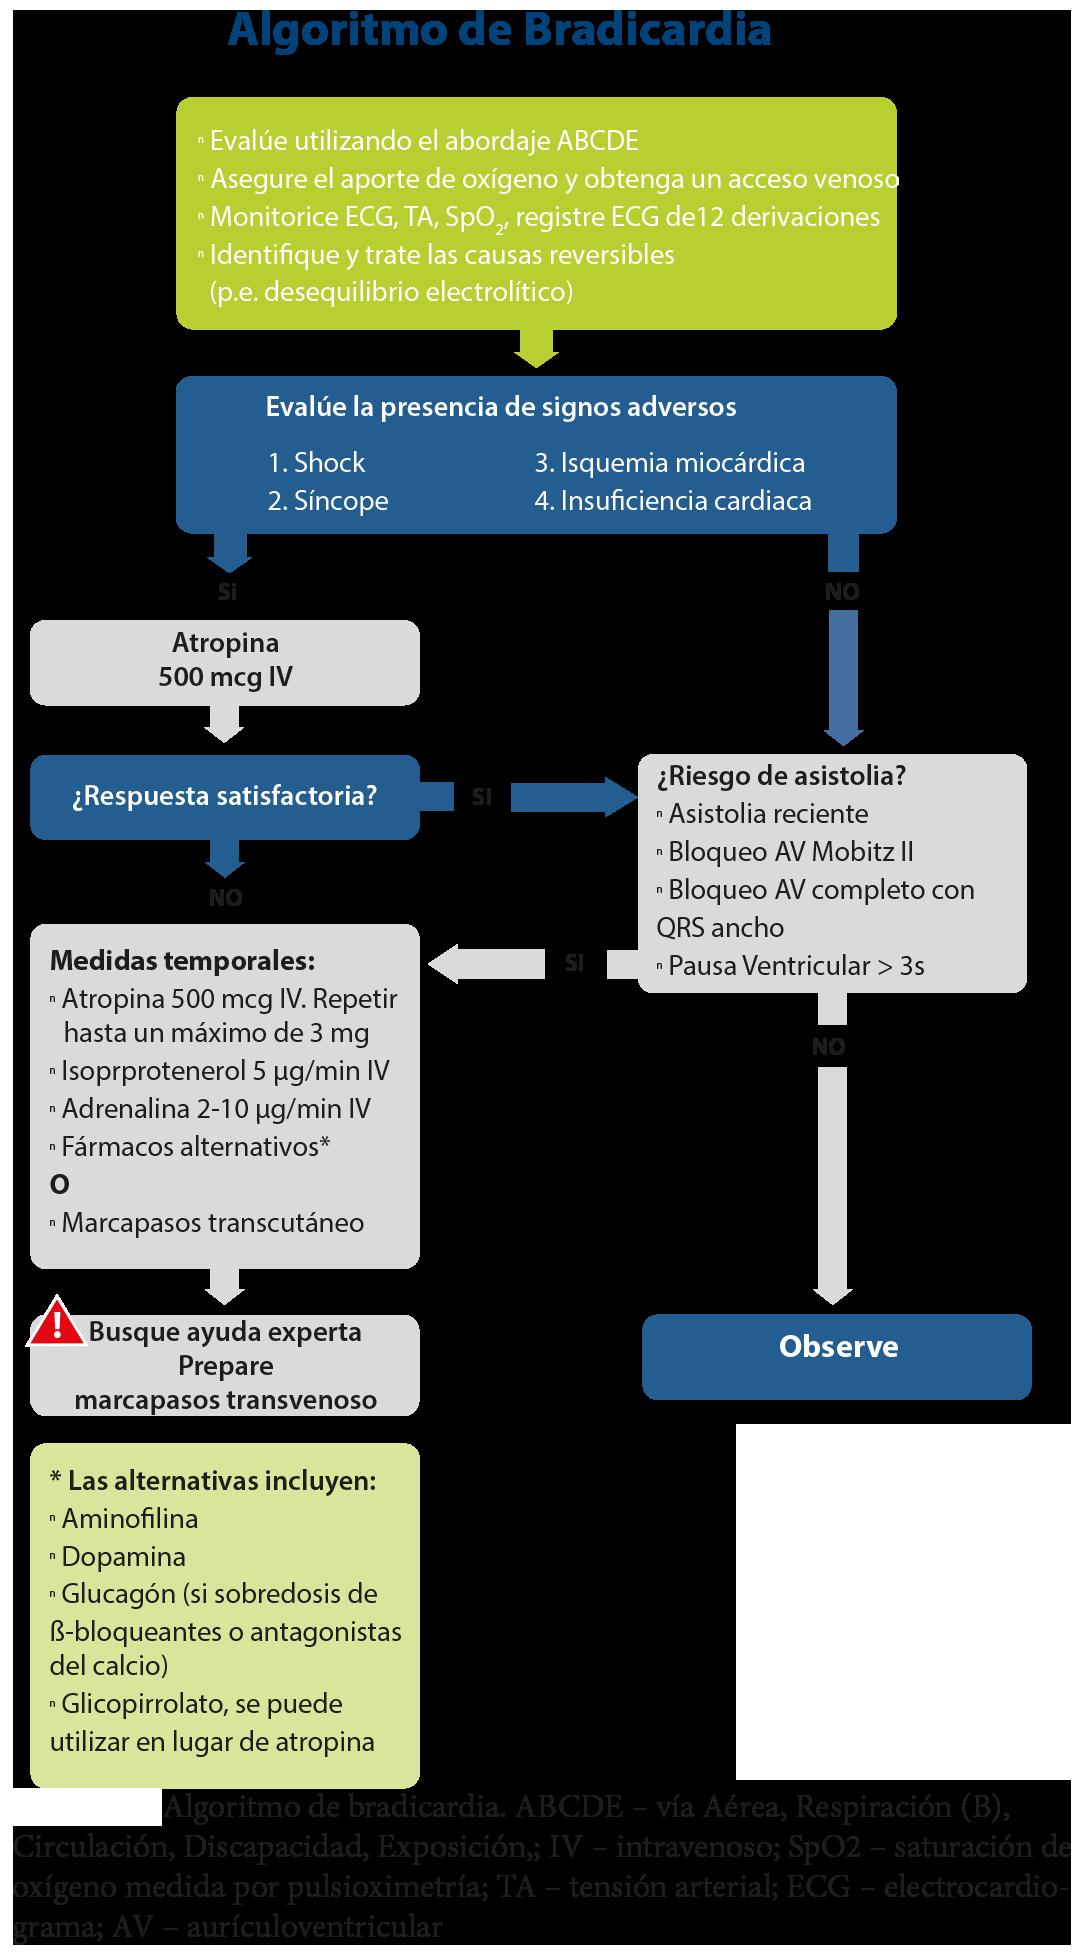 FIGURA 5 - Algoritmo de tratamiento de la Bradicardia - ILCOR 2015